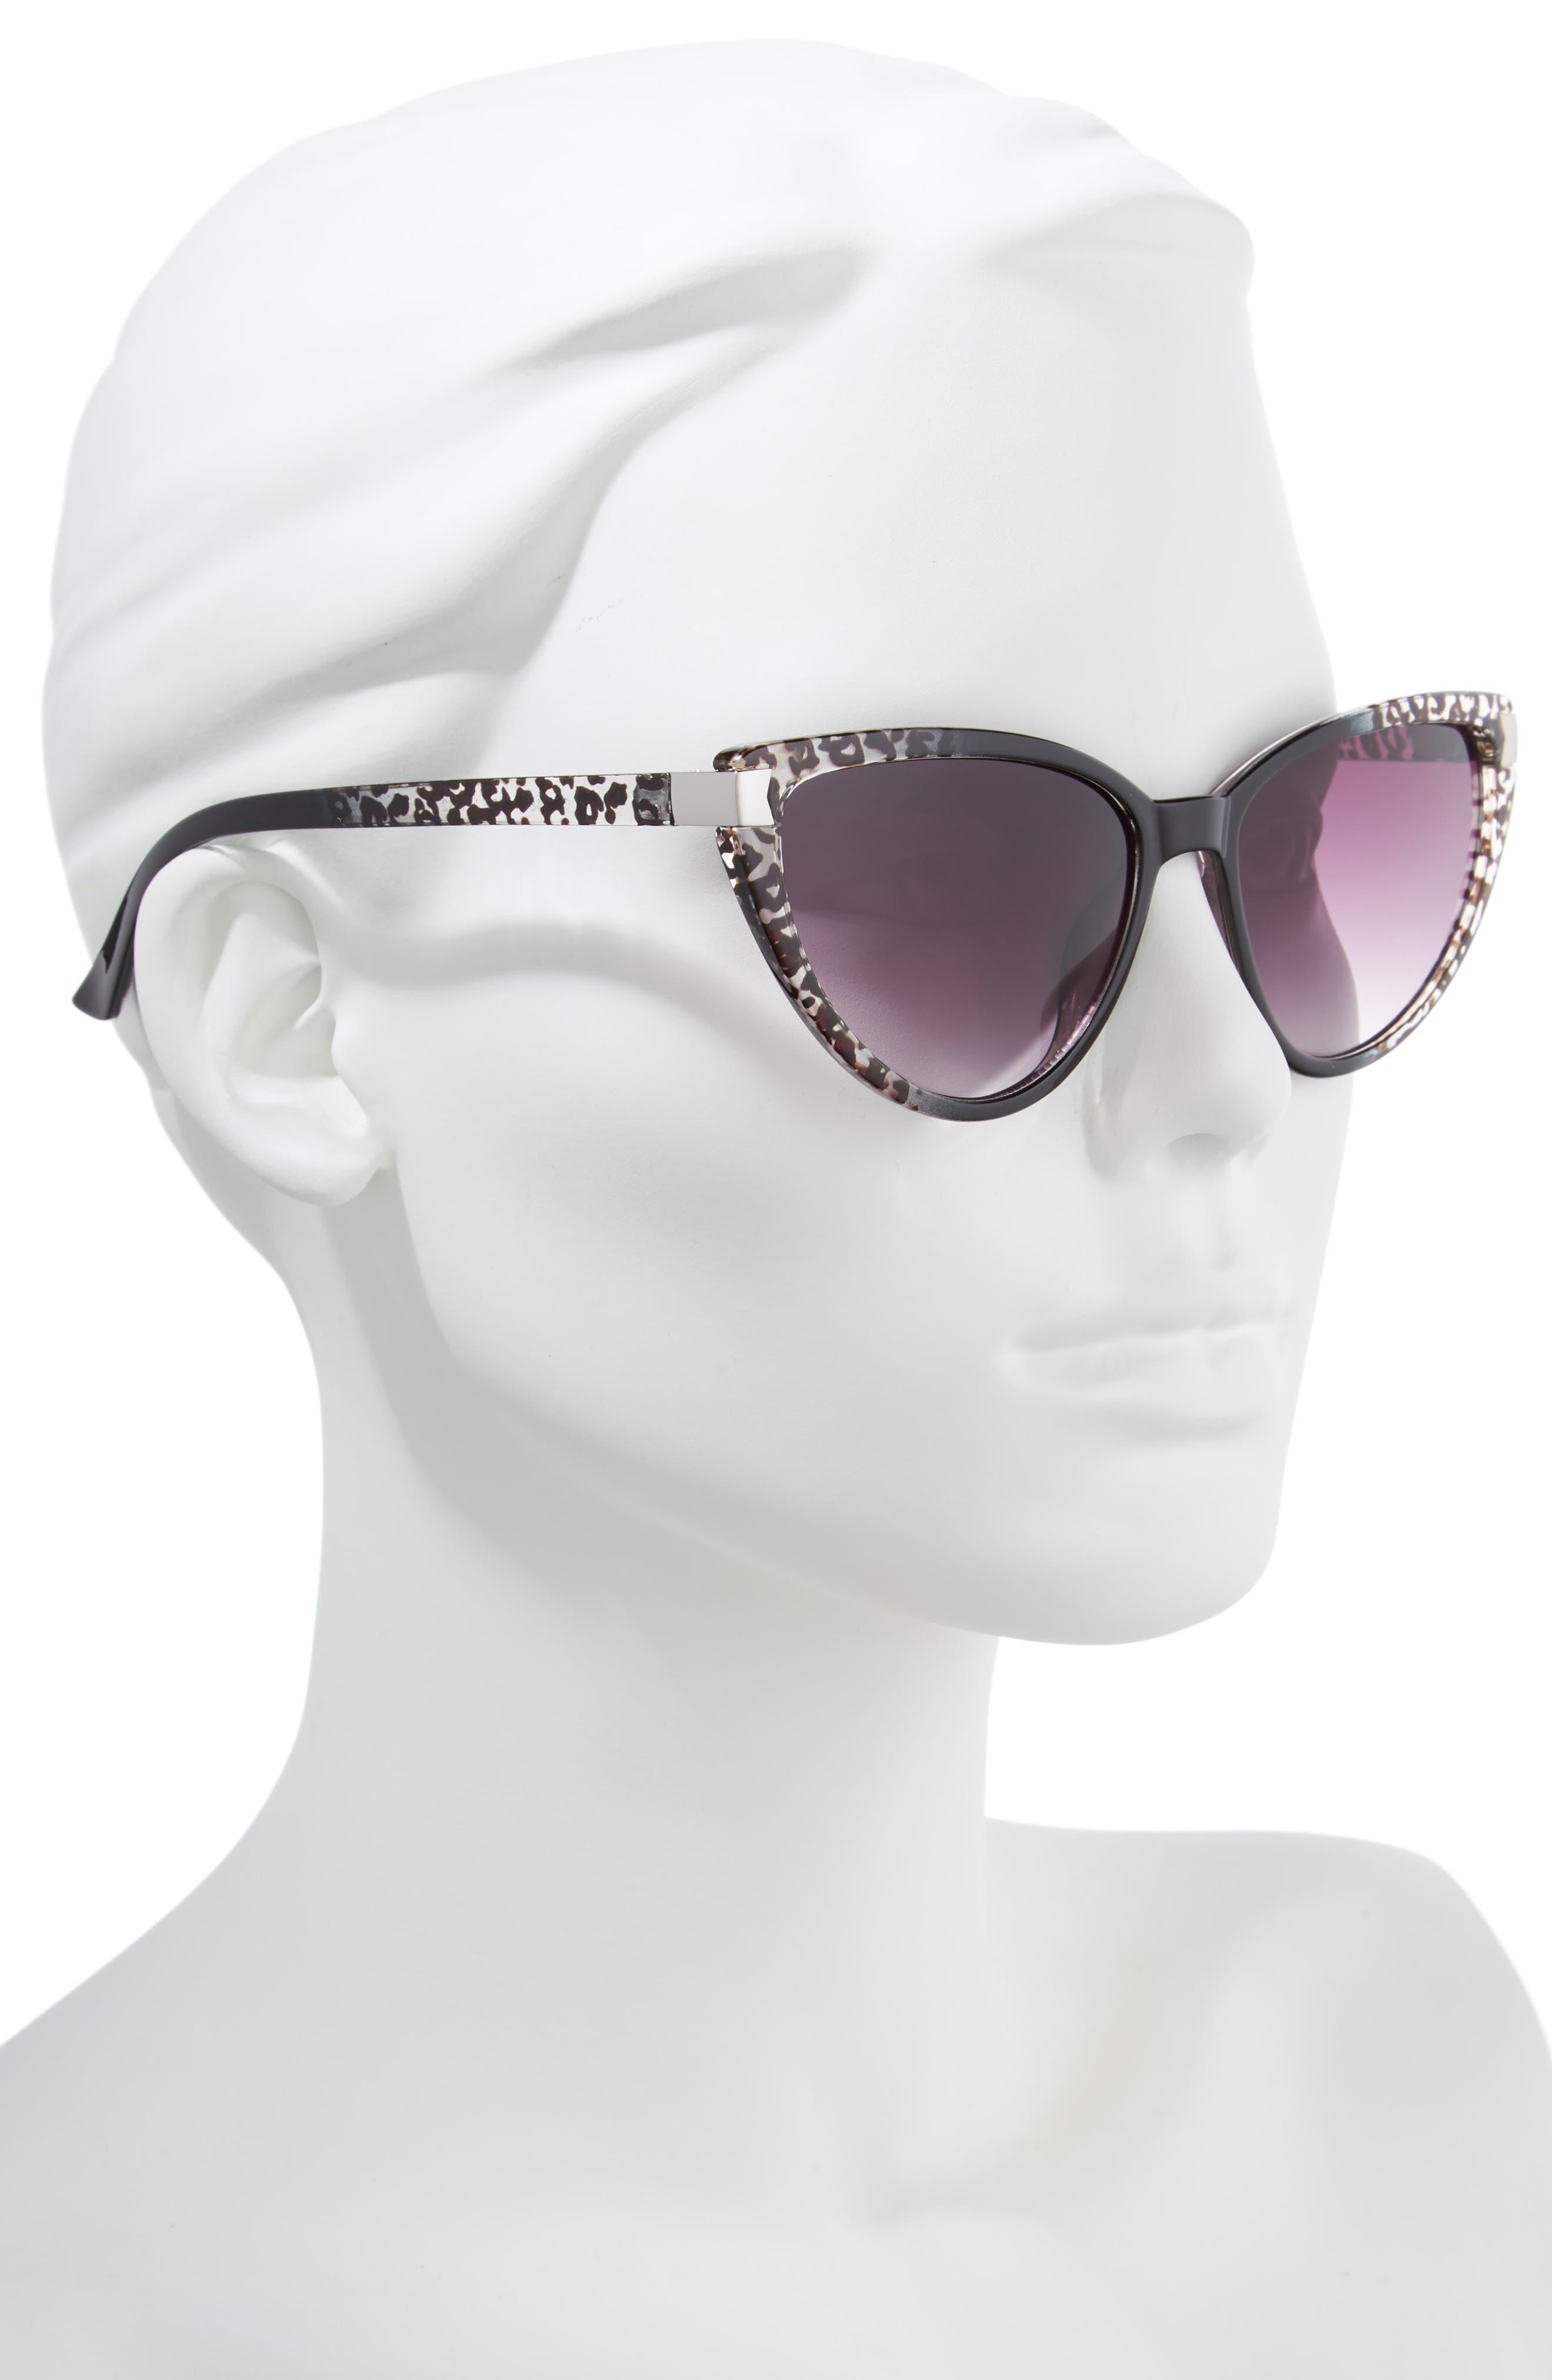 57mm Spotted Cat Eye Sunglasses,                             Alternate thumbnail 2, color,                             Black/ White